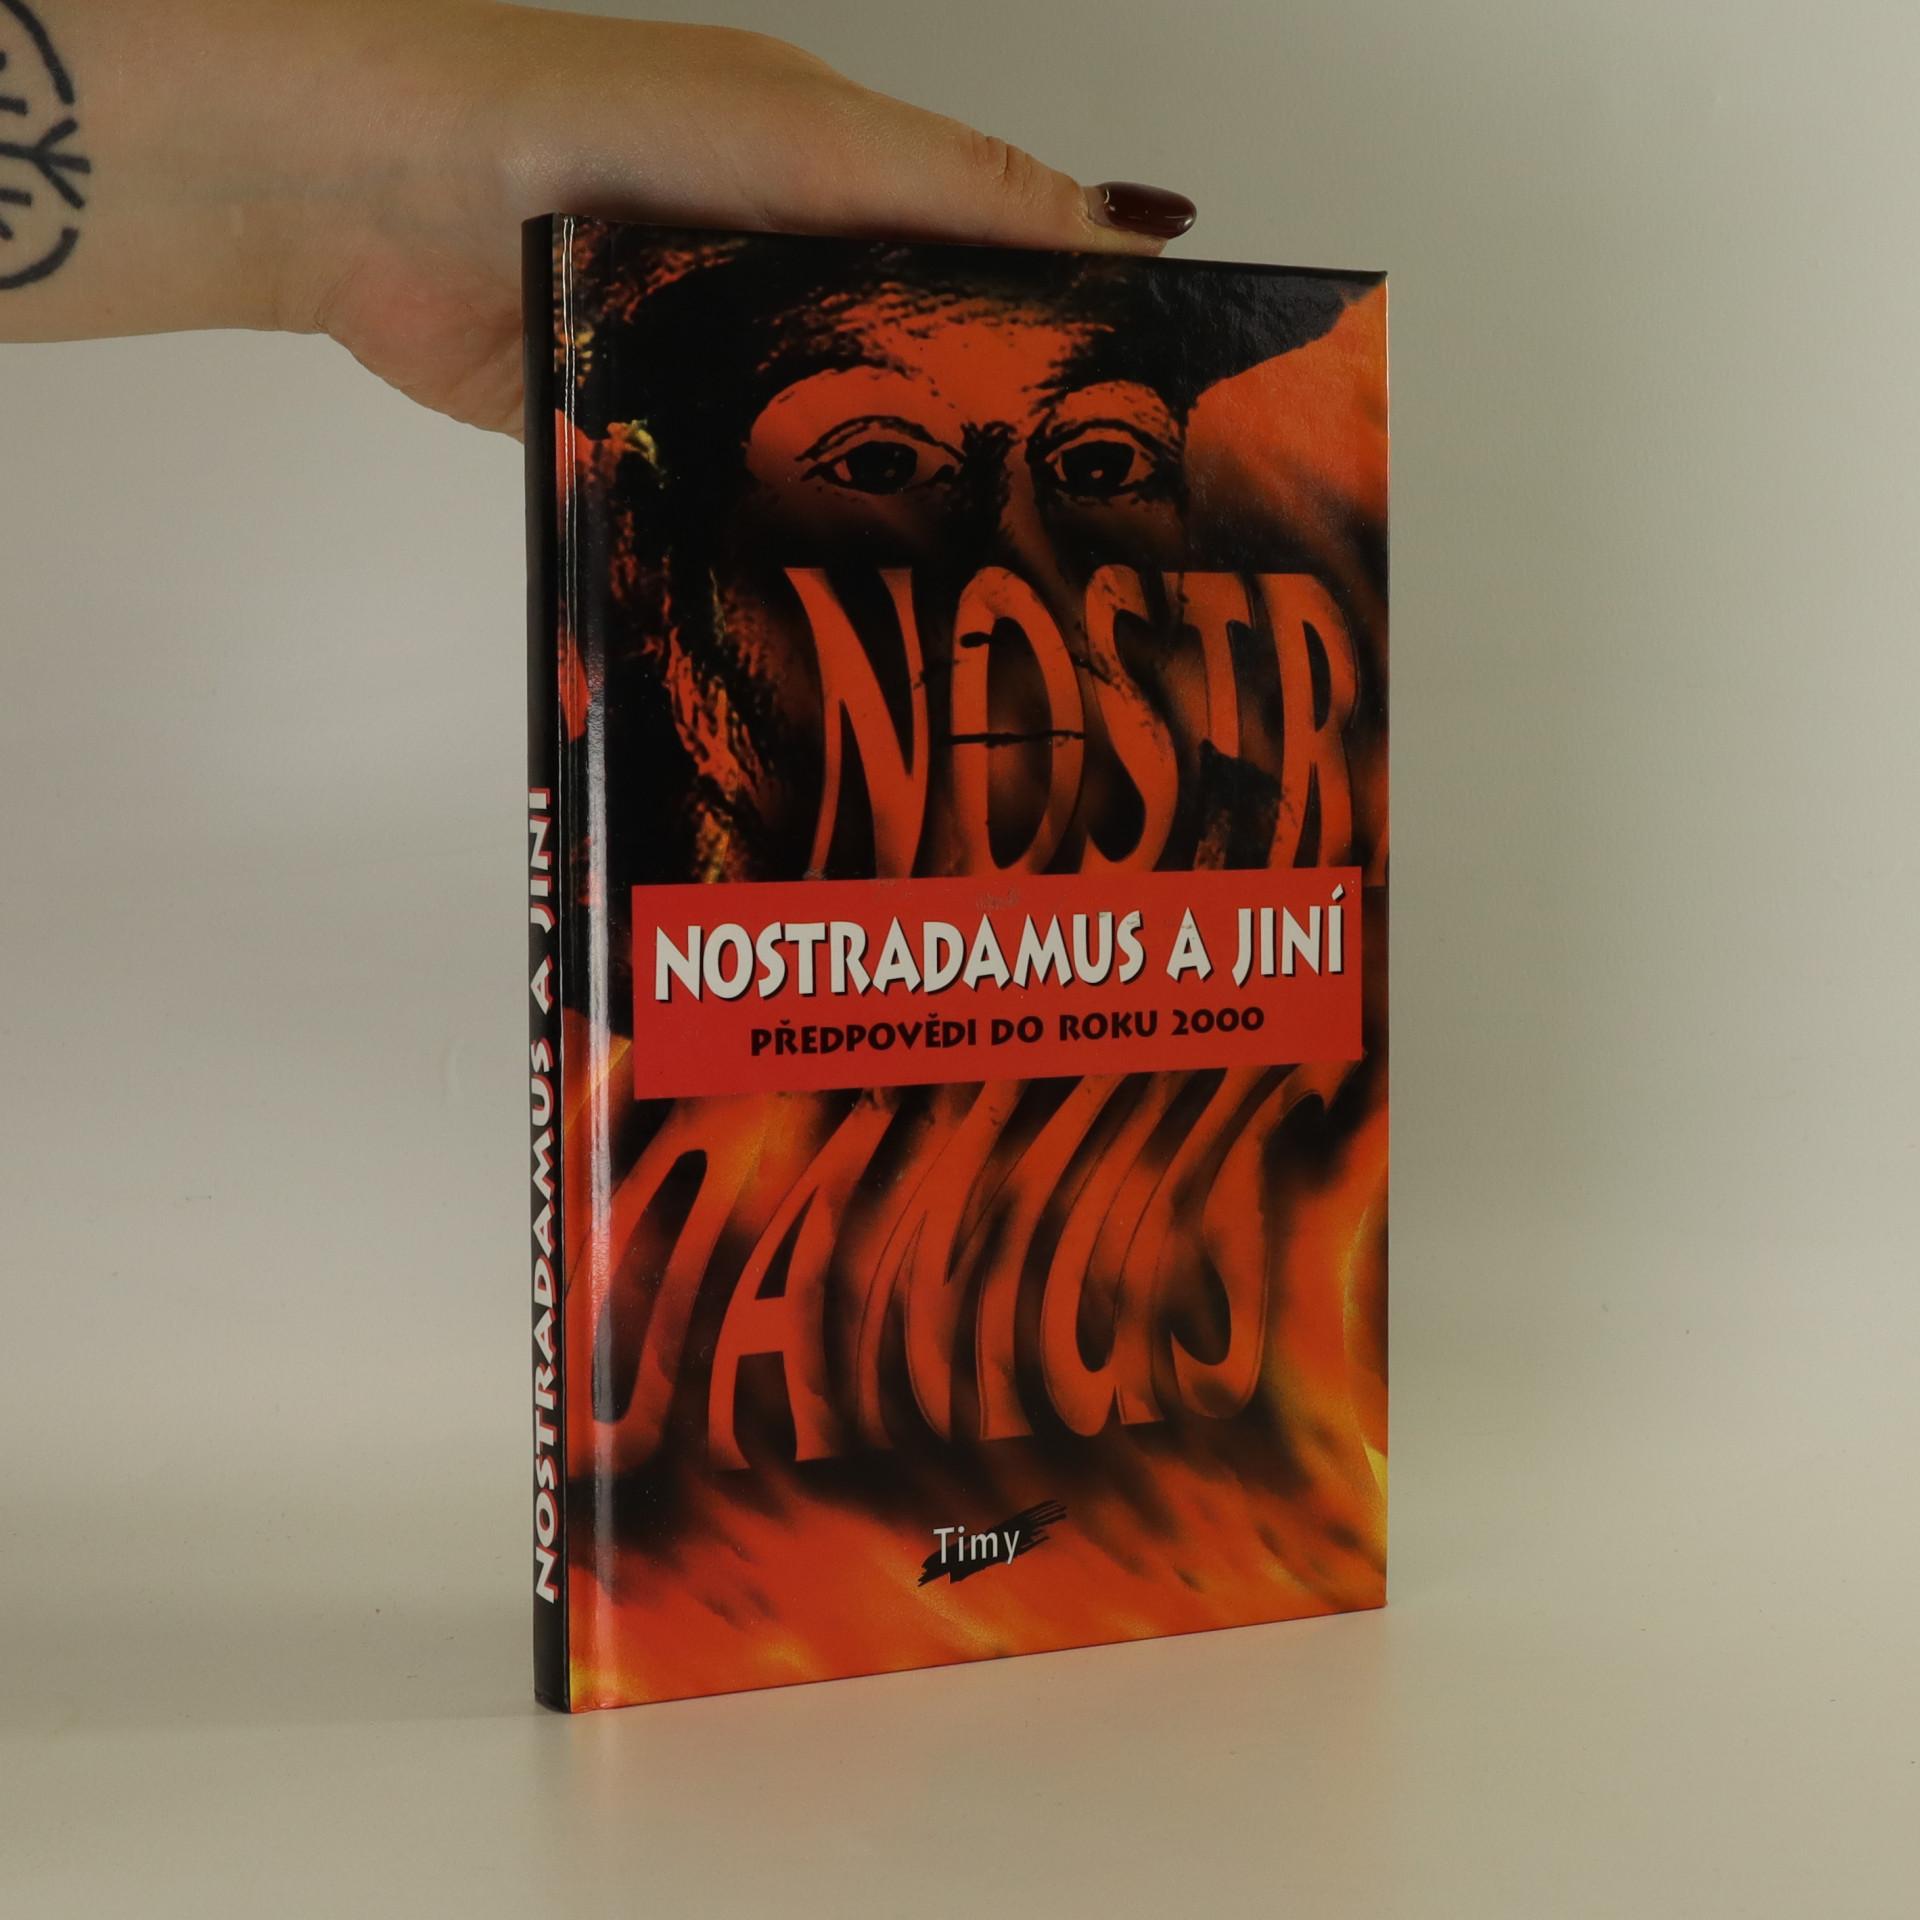 antikvární kniha Nostradamus a jiní. Předpovědi do roku 2000, 1995